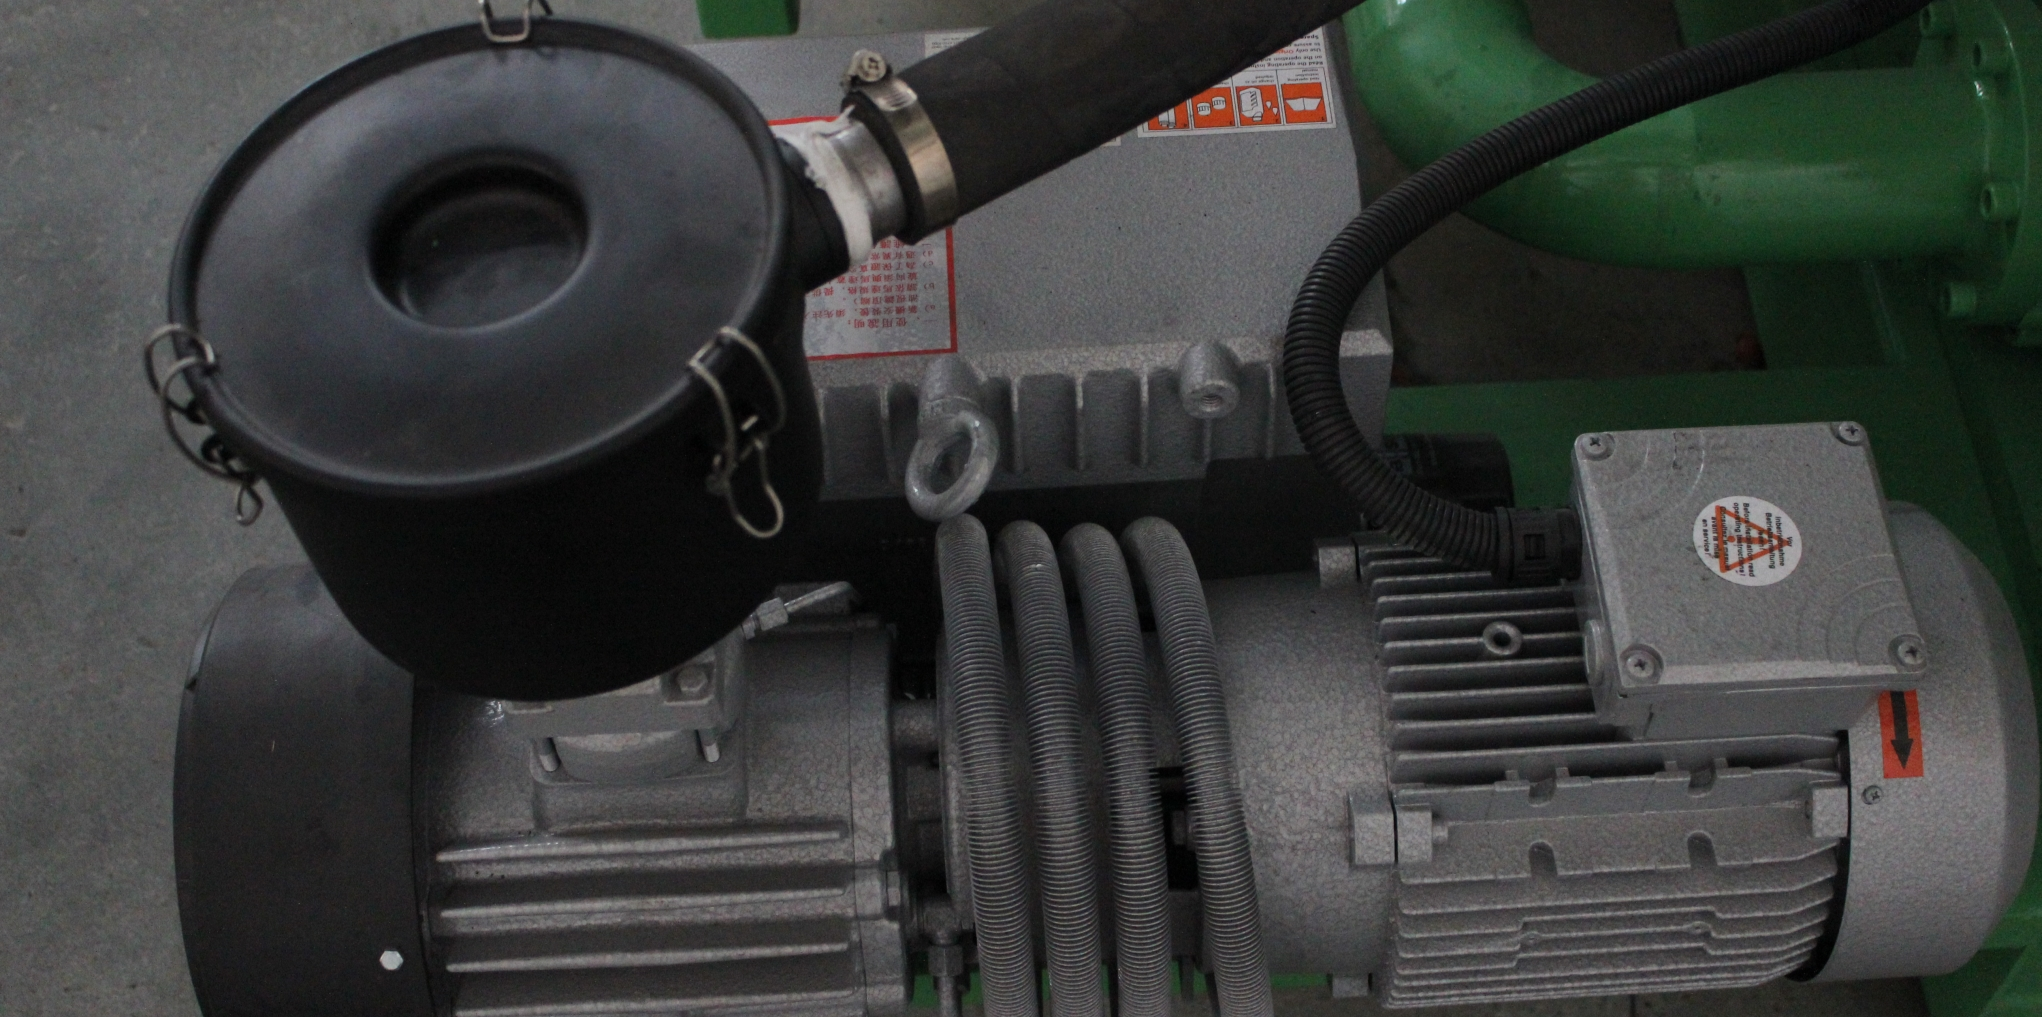 专业设计plc输出接点保护电路板,使其内部继电器接点工作在dc5v 5ma